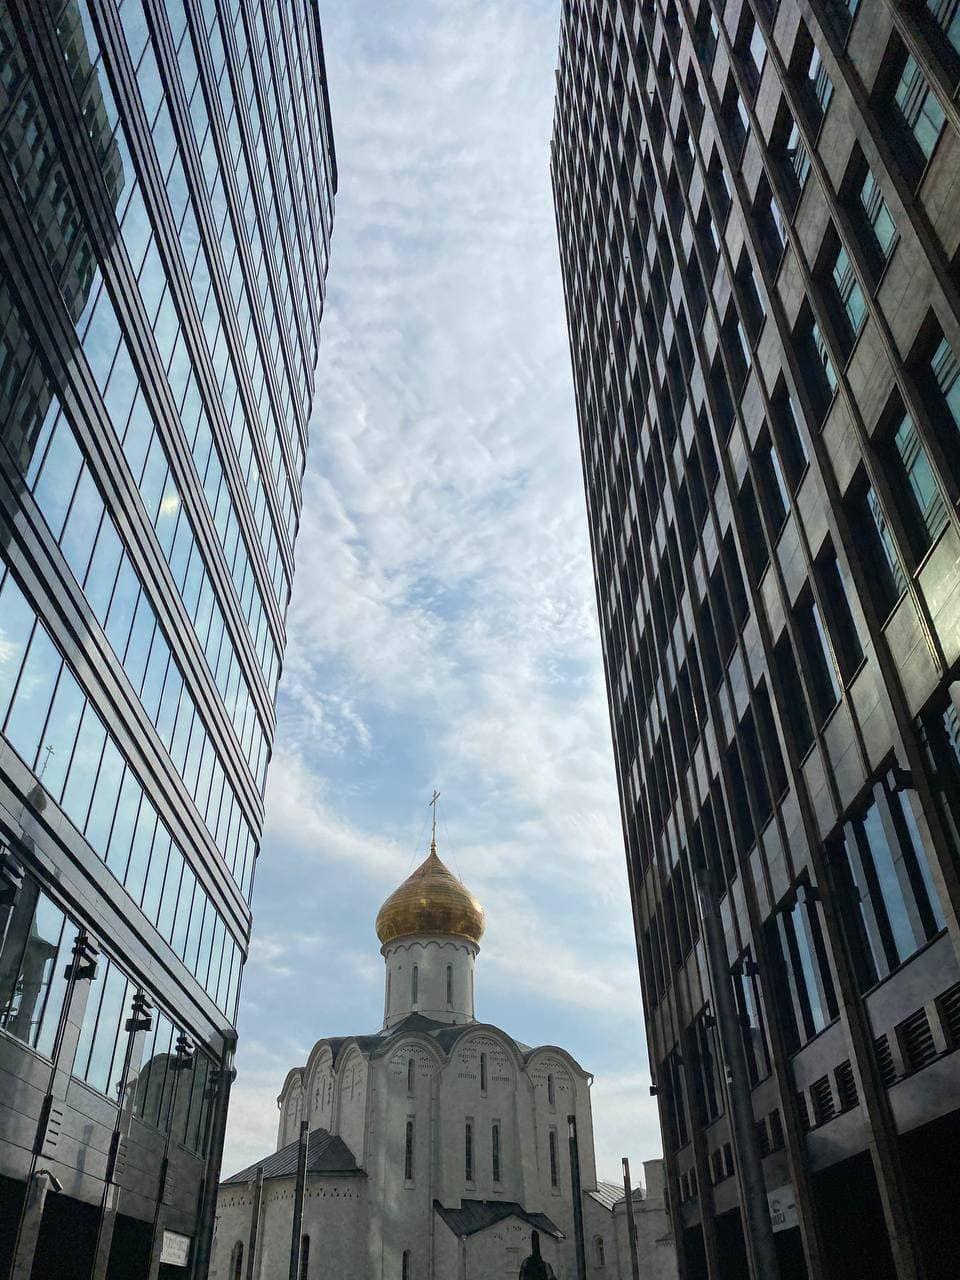 Лето продолжается, один мой долгожданный выходной в Москве, фото 44